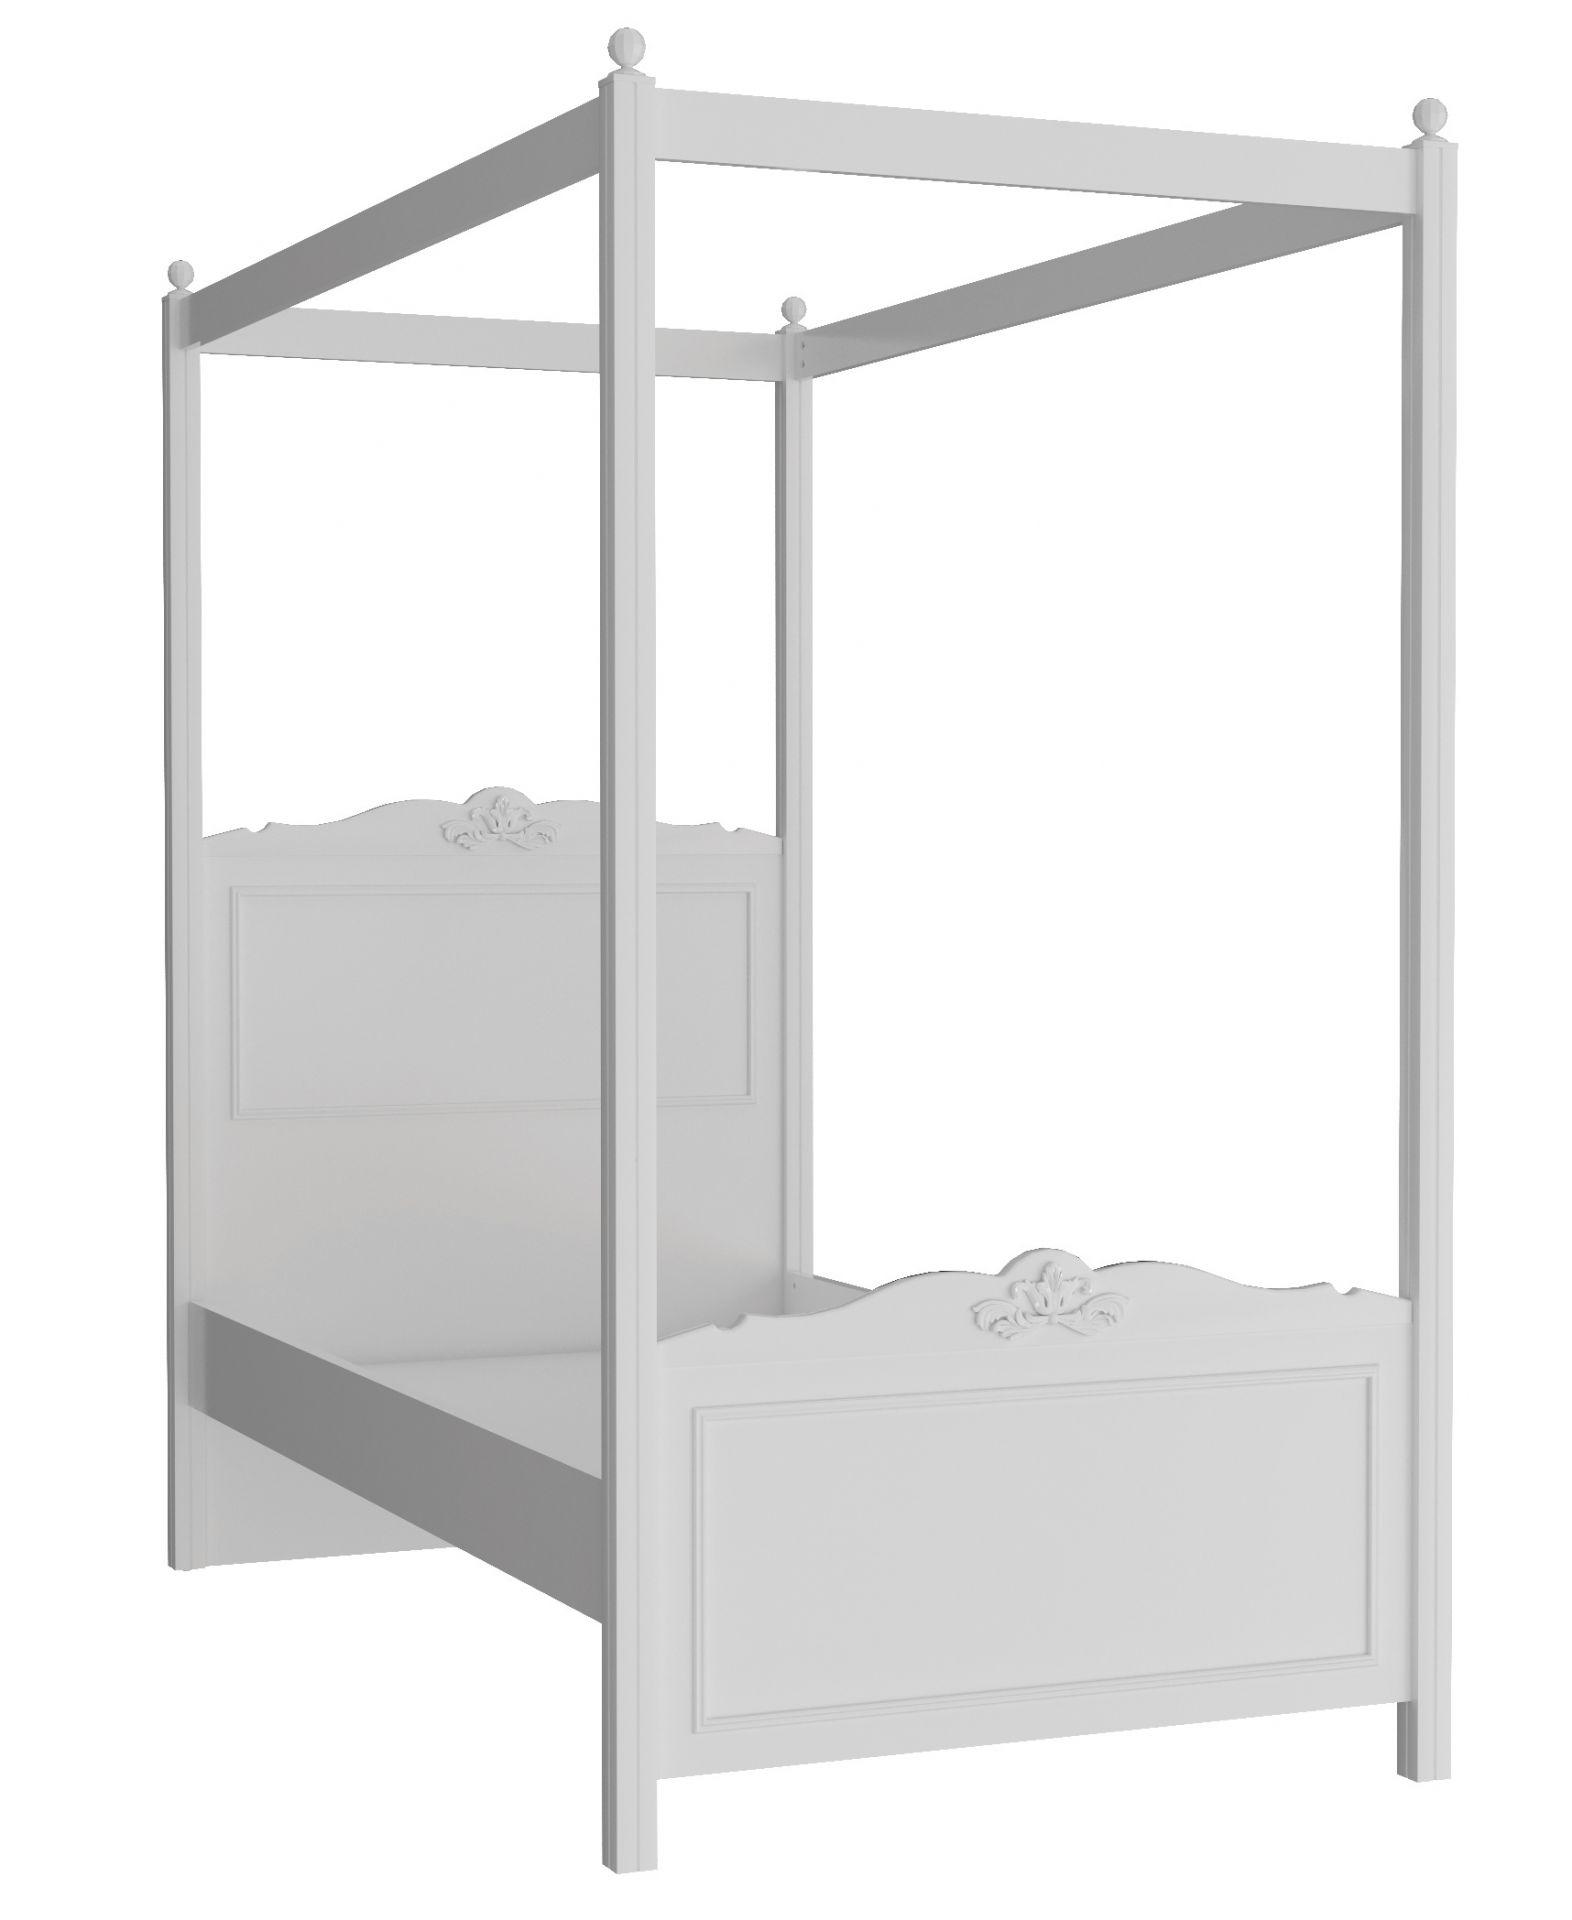 Almila Himmelbett Lana 3-teilig Weiß 120x200 cm